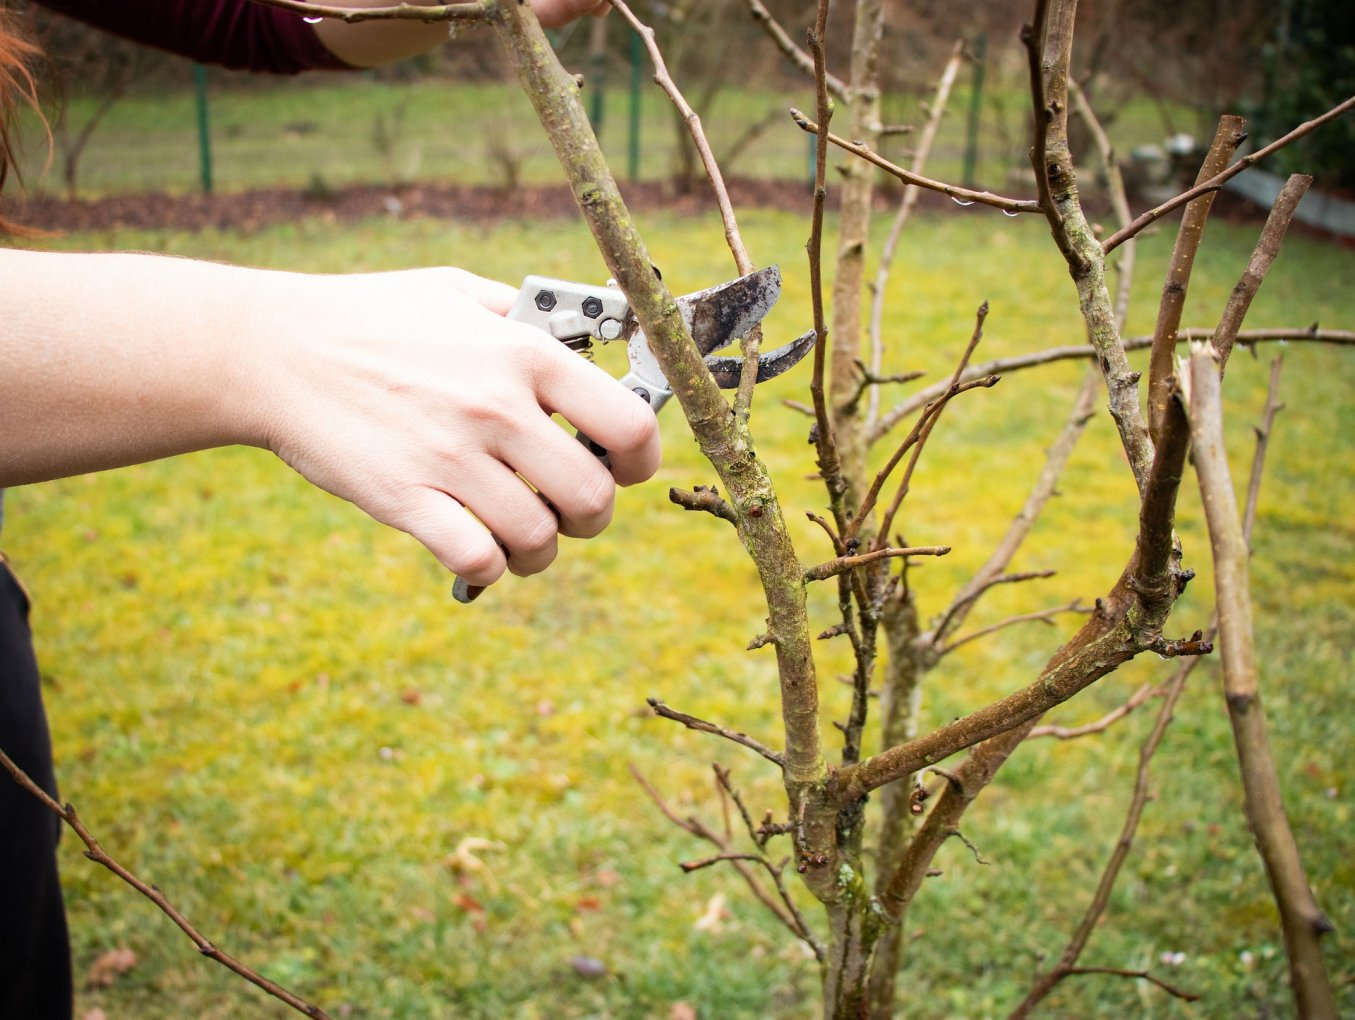 Obstbaumschnittkurse im Sommer - jetzt anmelden!